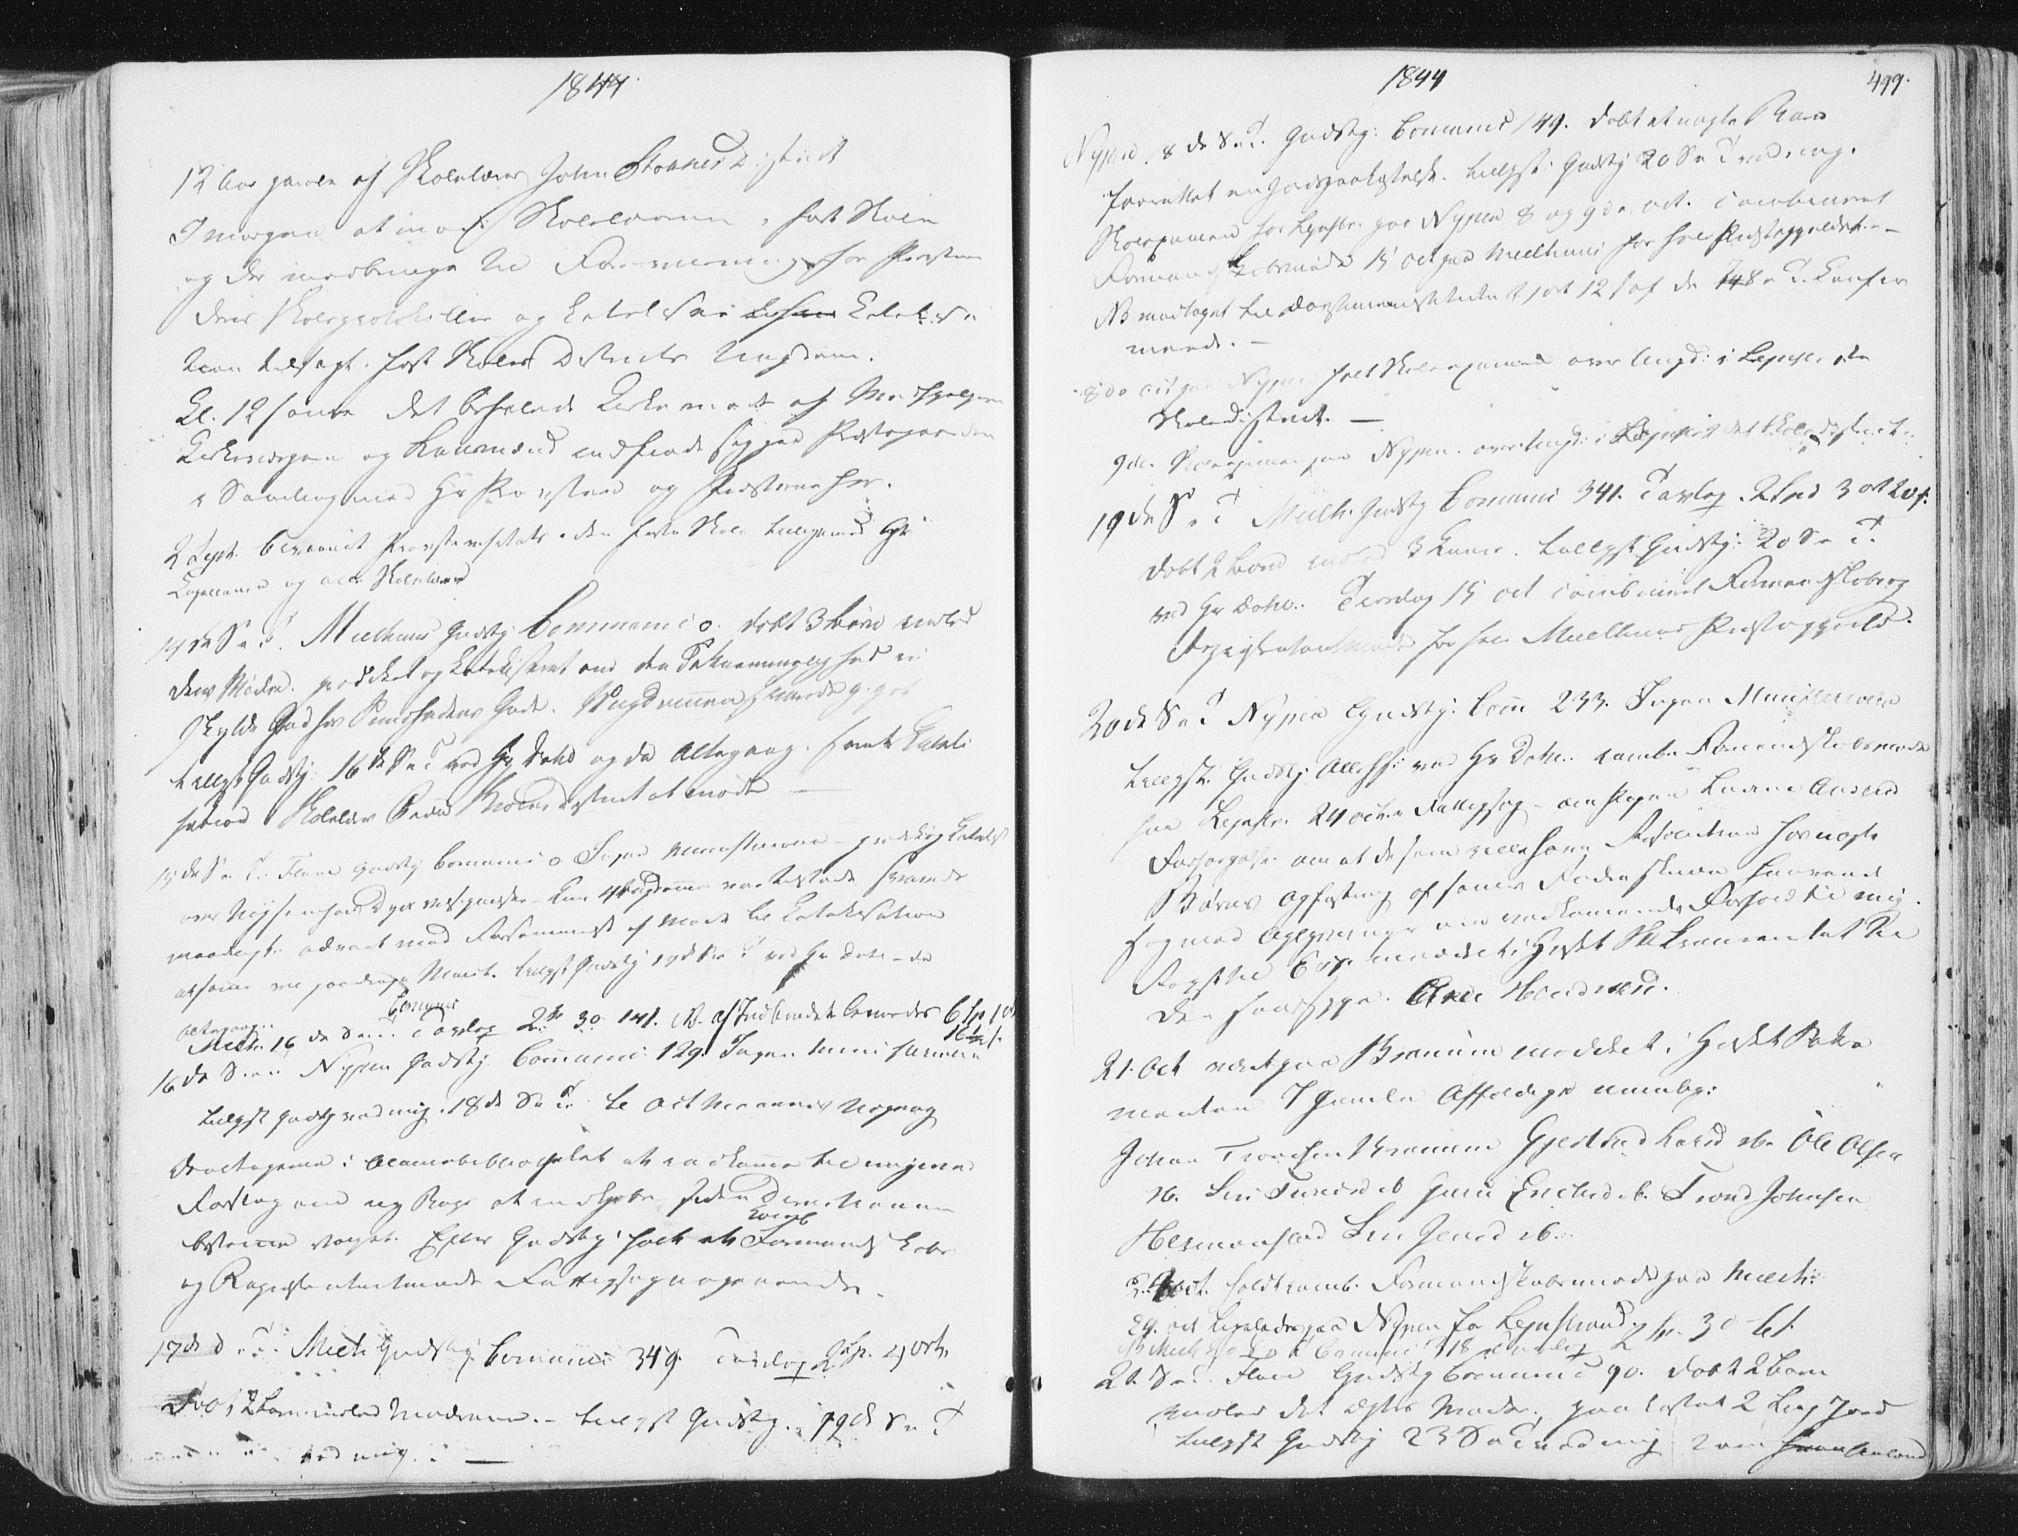 SAT, Ministerialprotokoller, klokkerbøker og fødselsregistre - Sør-Trøndelag, 691/L1074: Ministerialbok nr. 691A06, 1842-1852, s. 499